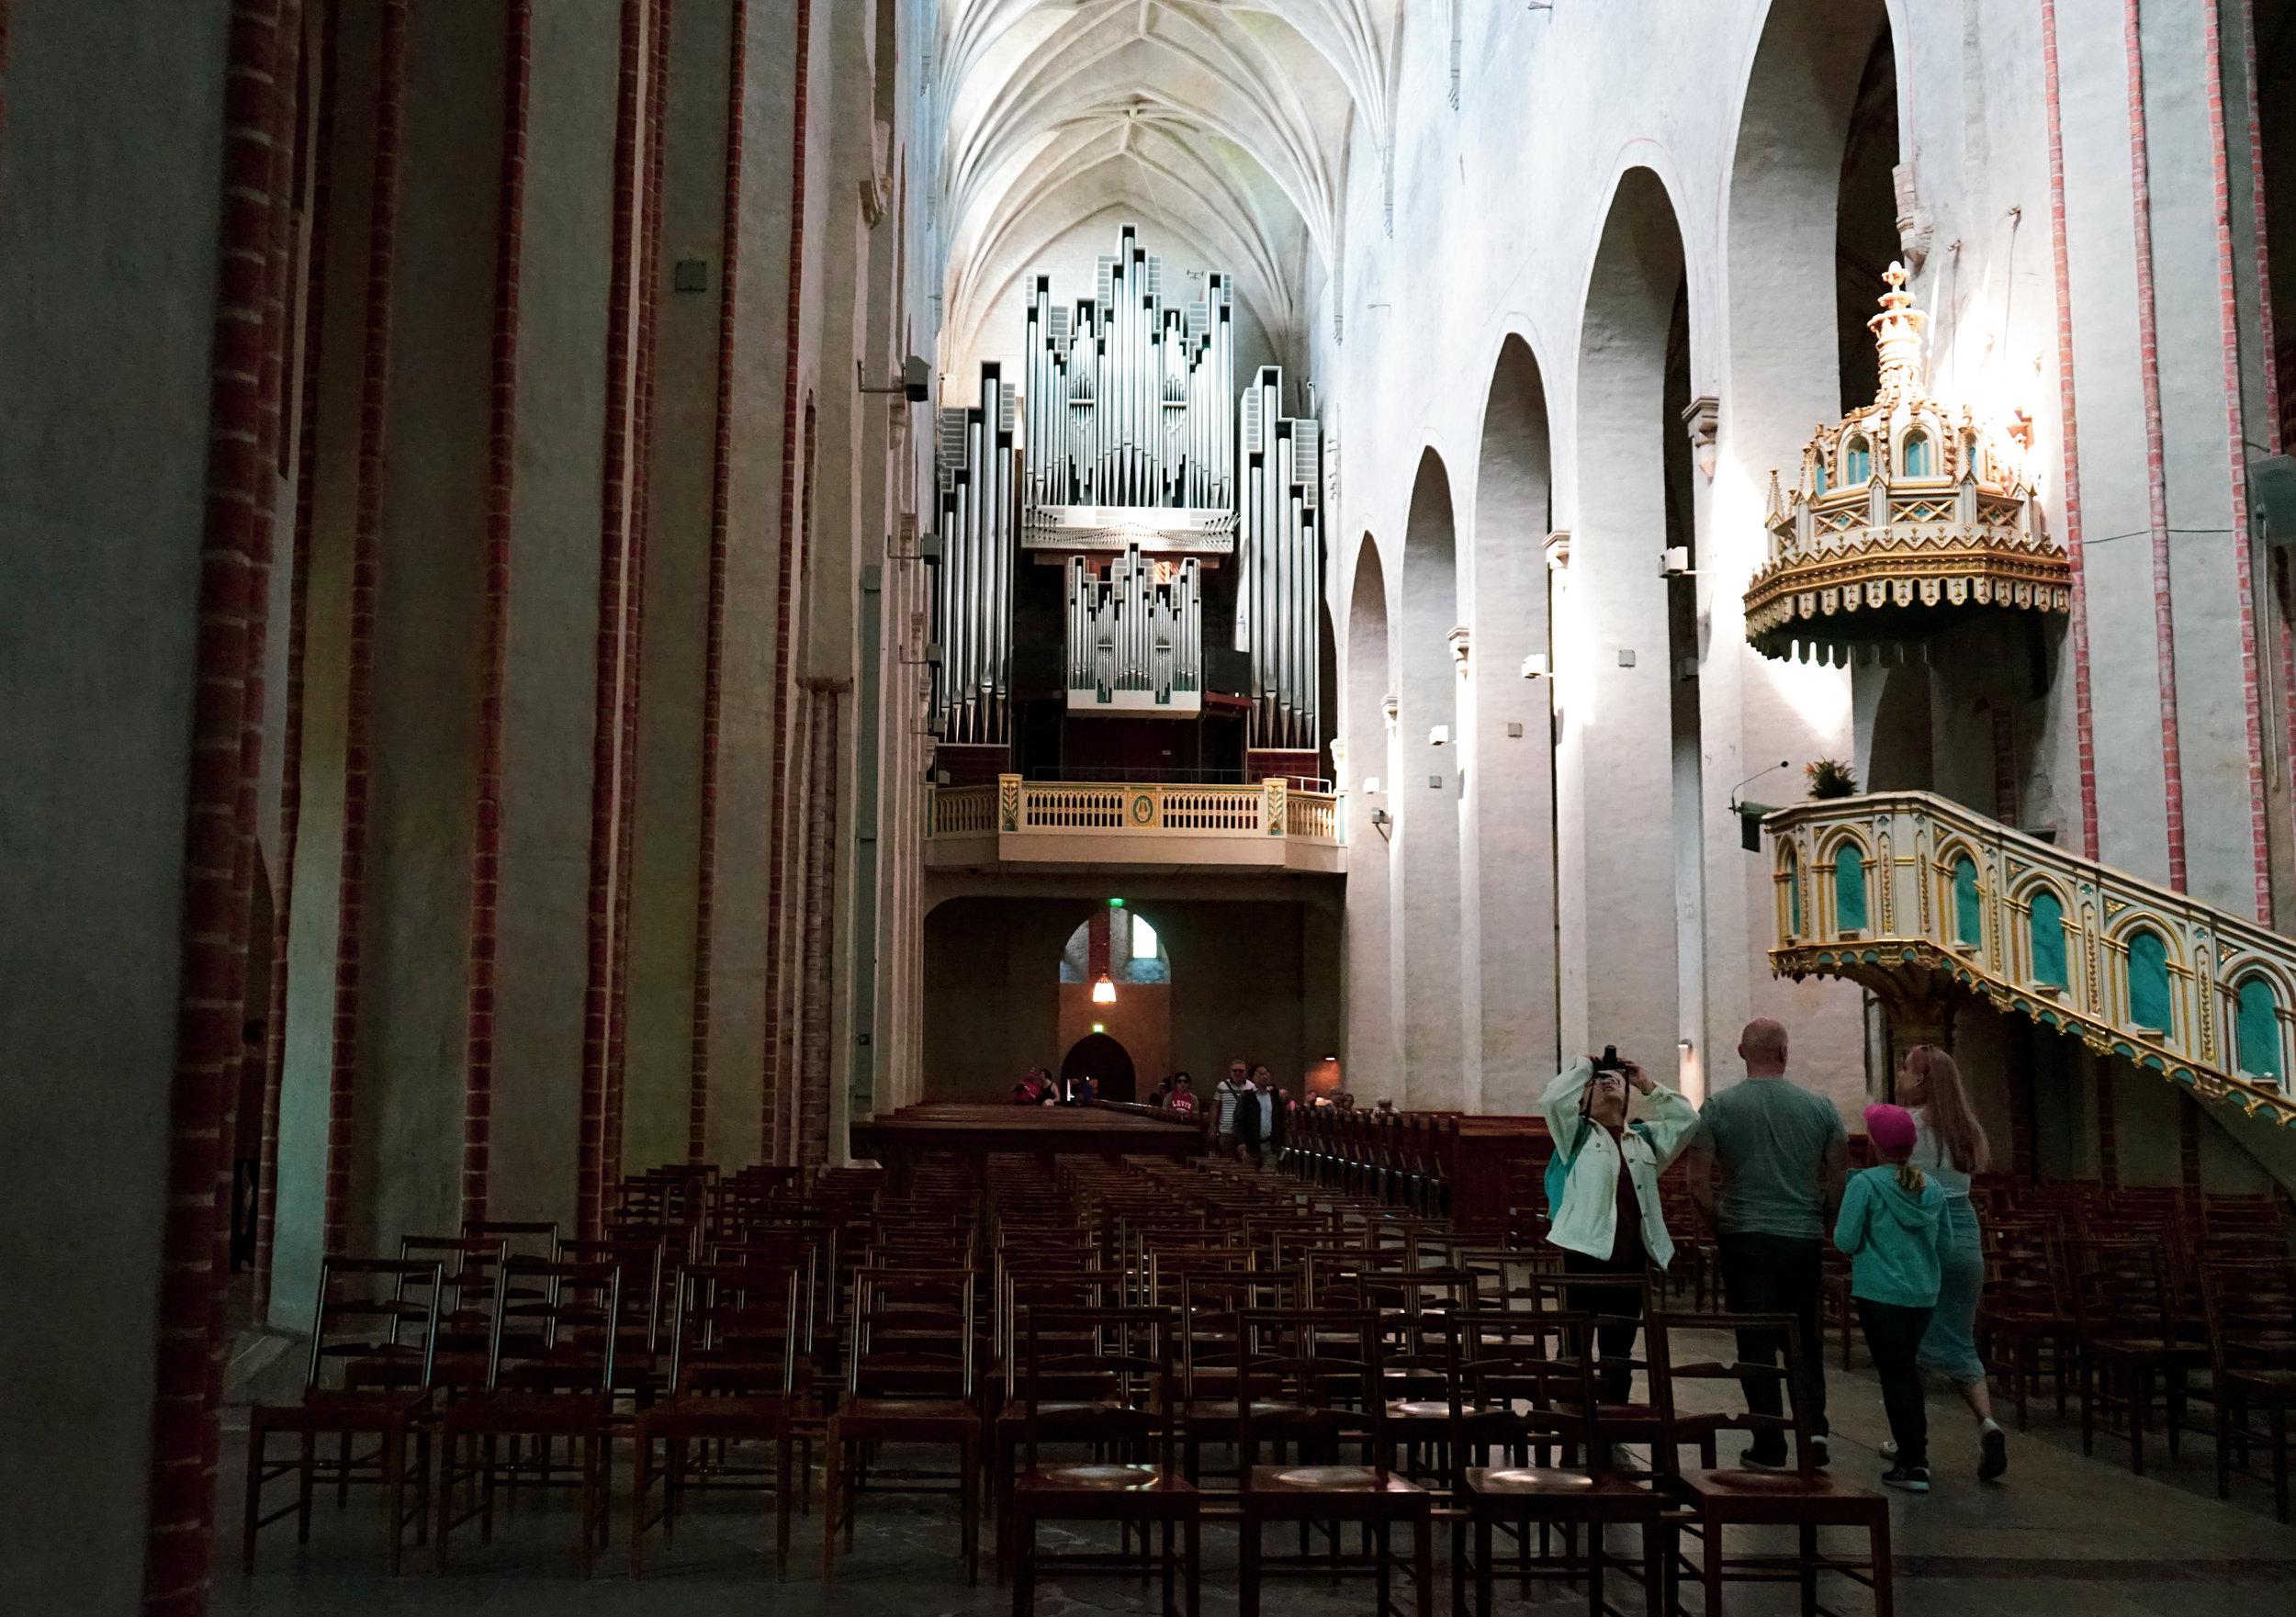 在河畔旁的哥德式土庫大教堂是著名地標之ㄧ,跟西歐浮誇艷麗的教堂相比,土庫教堂盡顯清幽古樸風味。